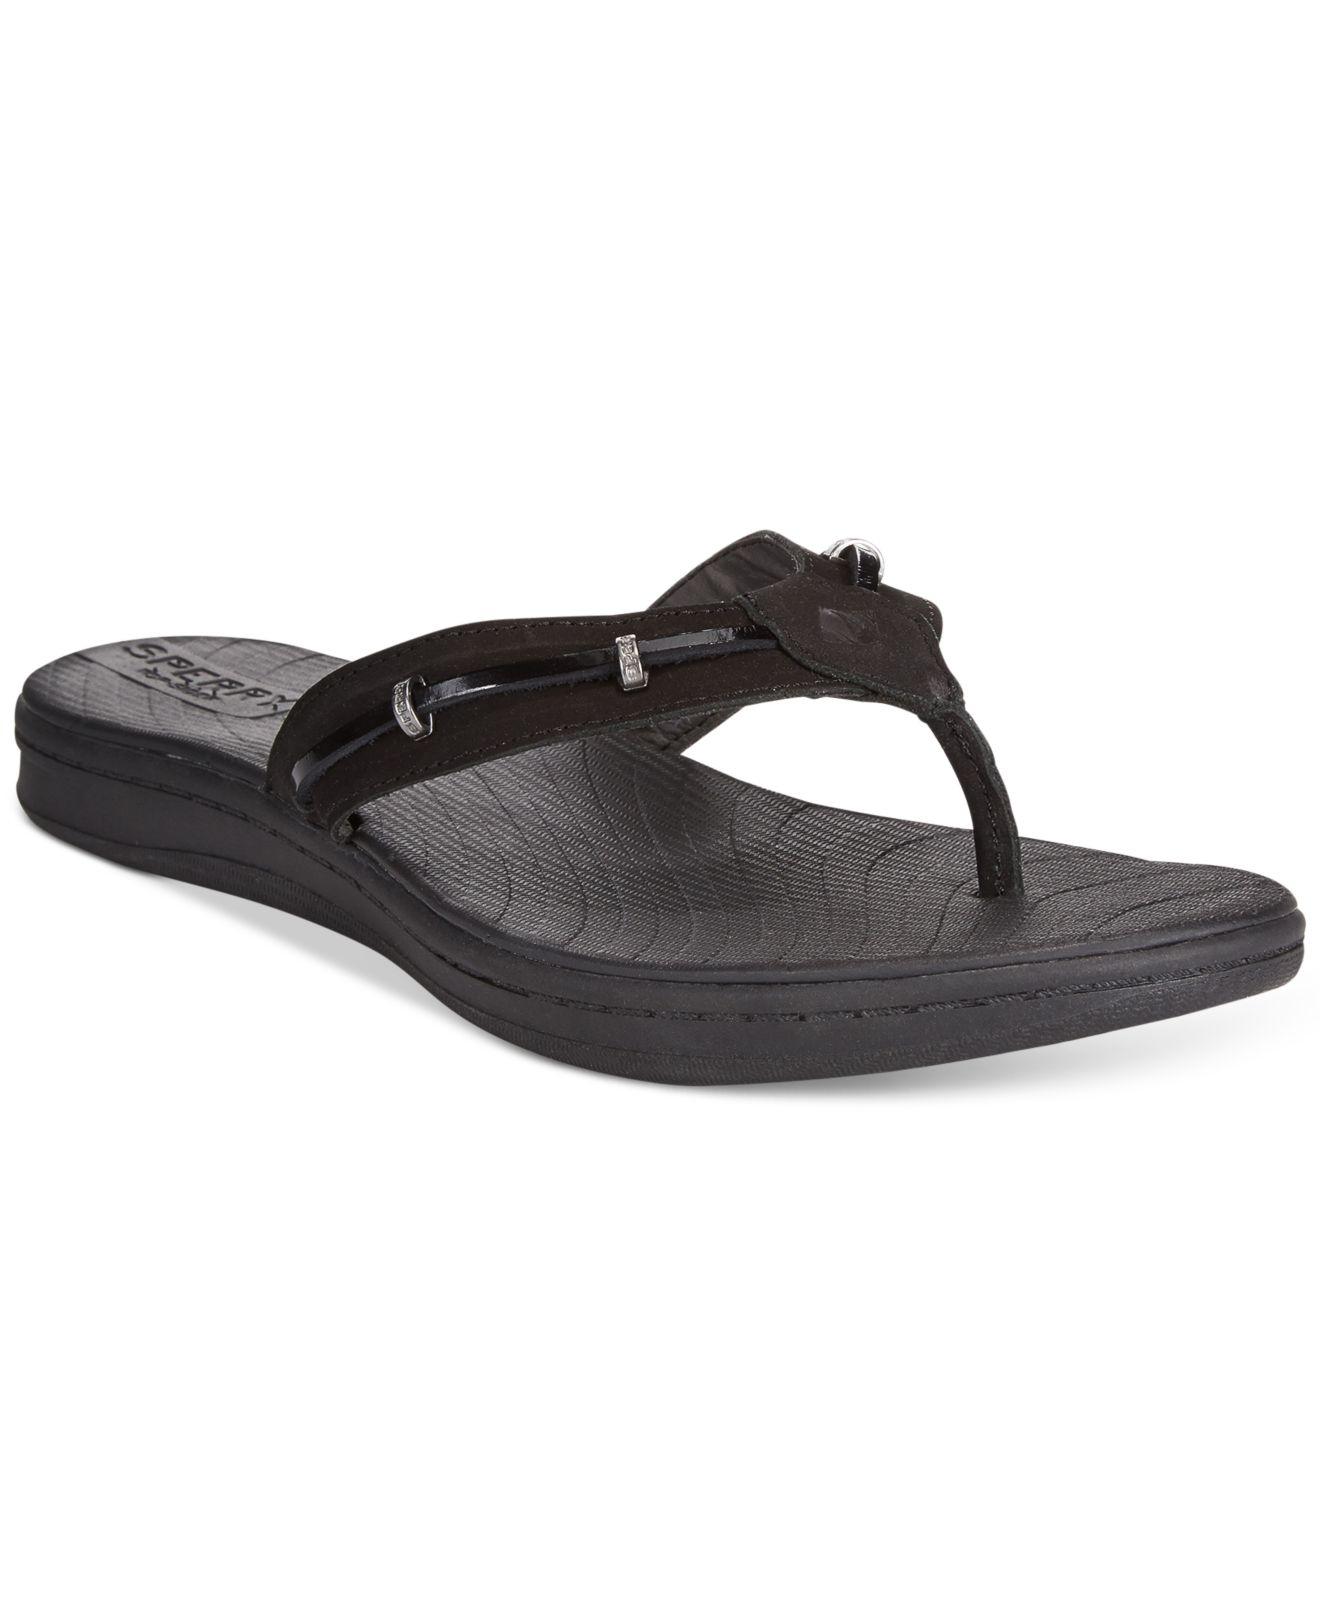 Seabrook Wave Flip-flop Sandals